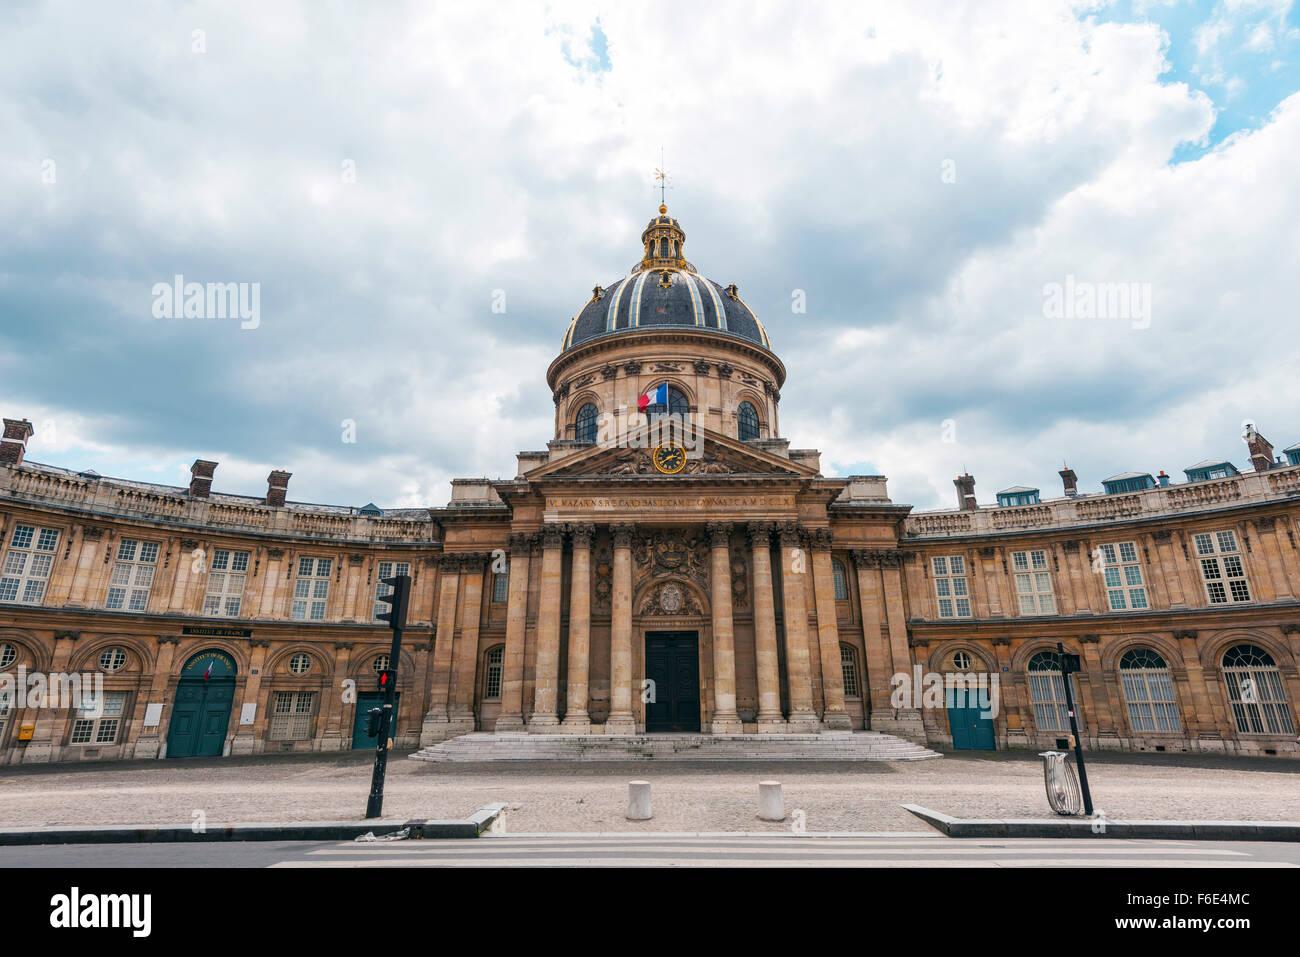 Institut de France, Paris, Ile-de-France, France - Stock Image